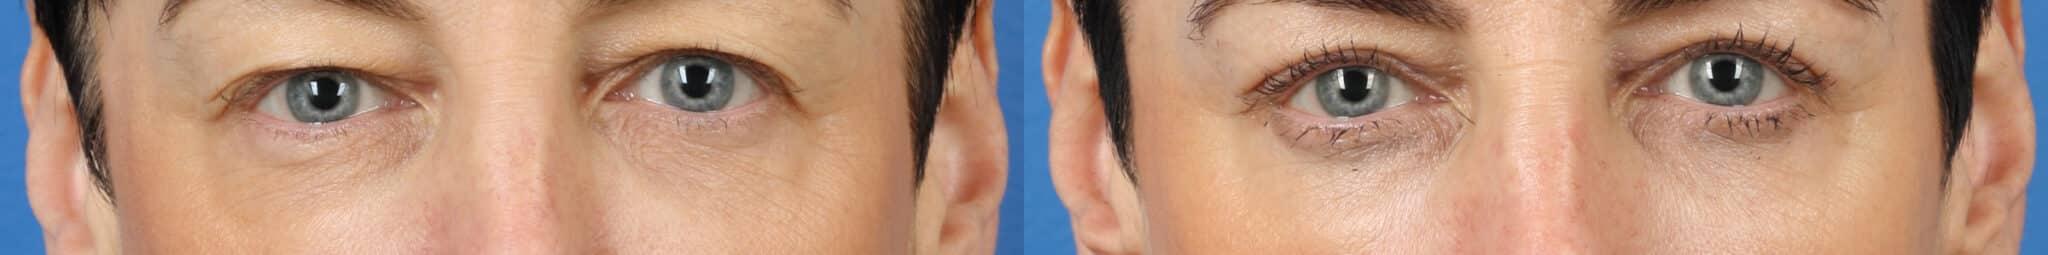 Blepharoplasty to Rejuvenate Eyes by Dr. Miller